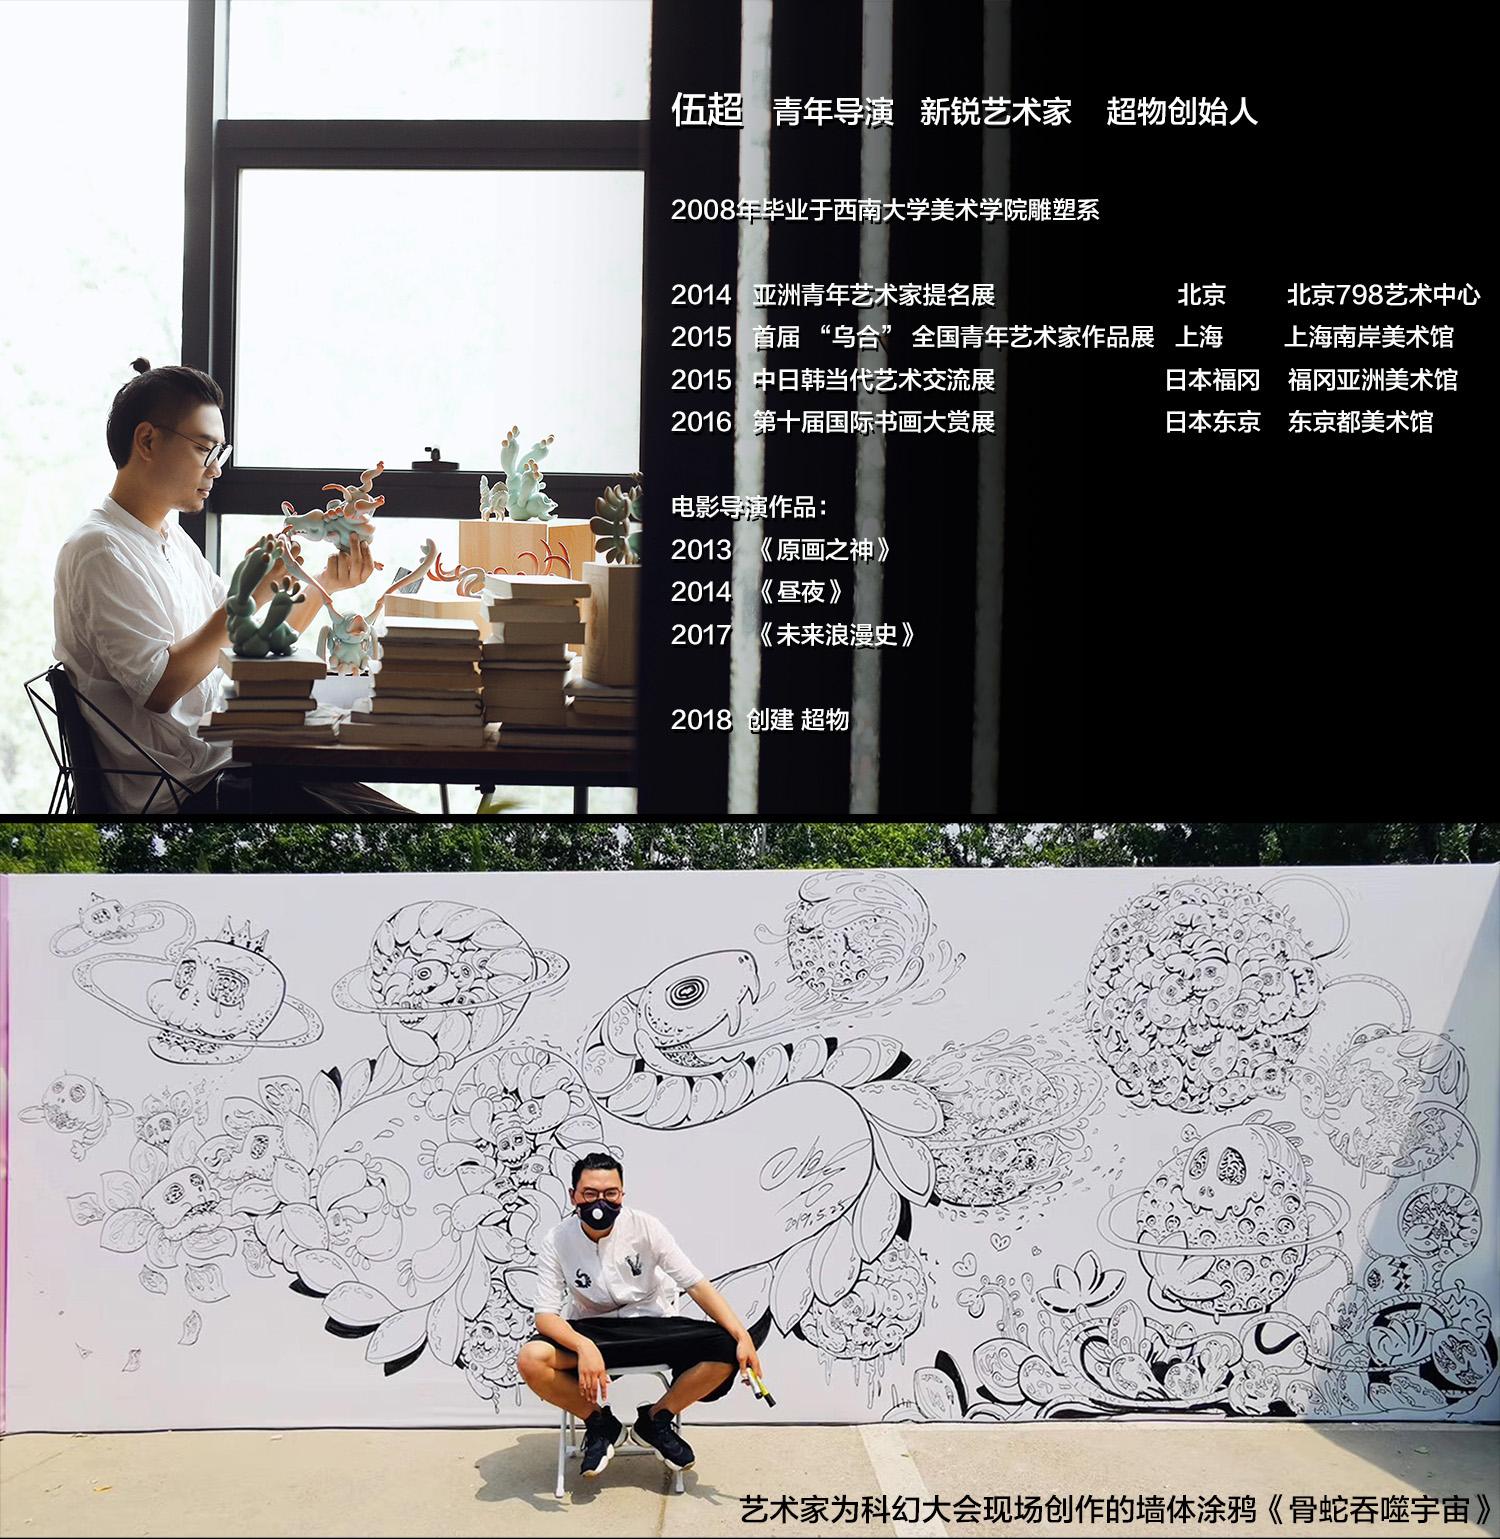 11作者自我介绍副本 2.jpg